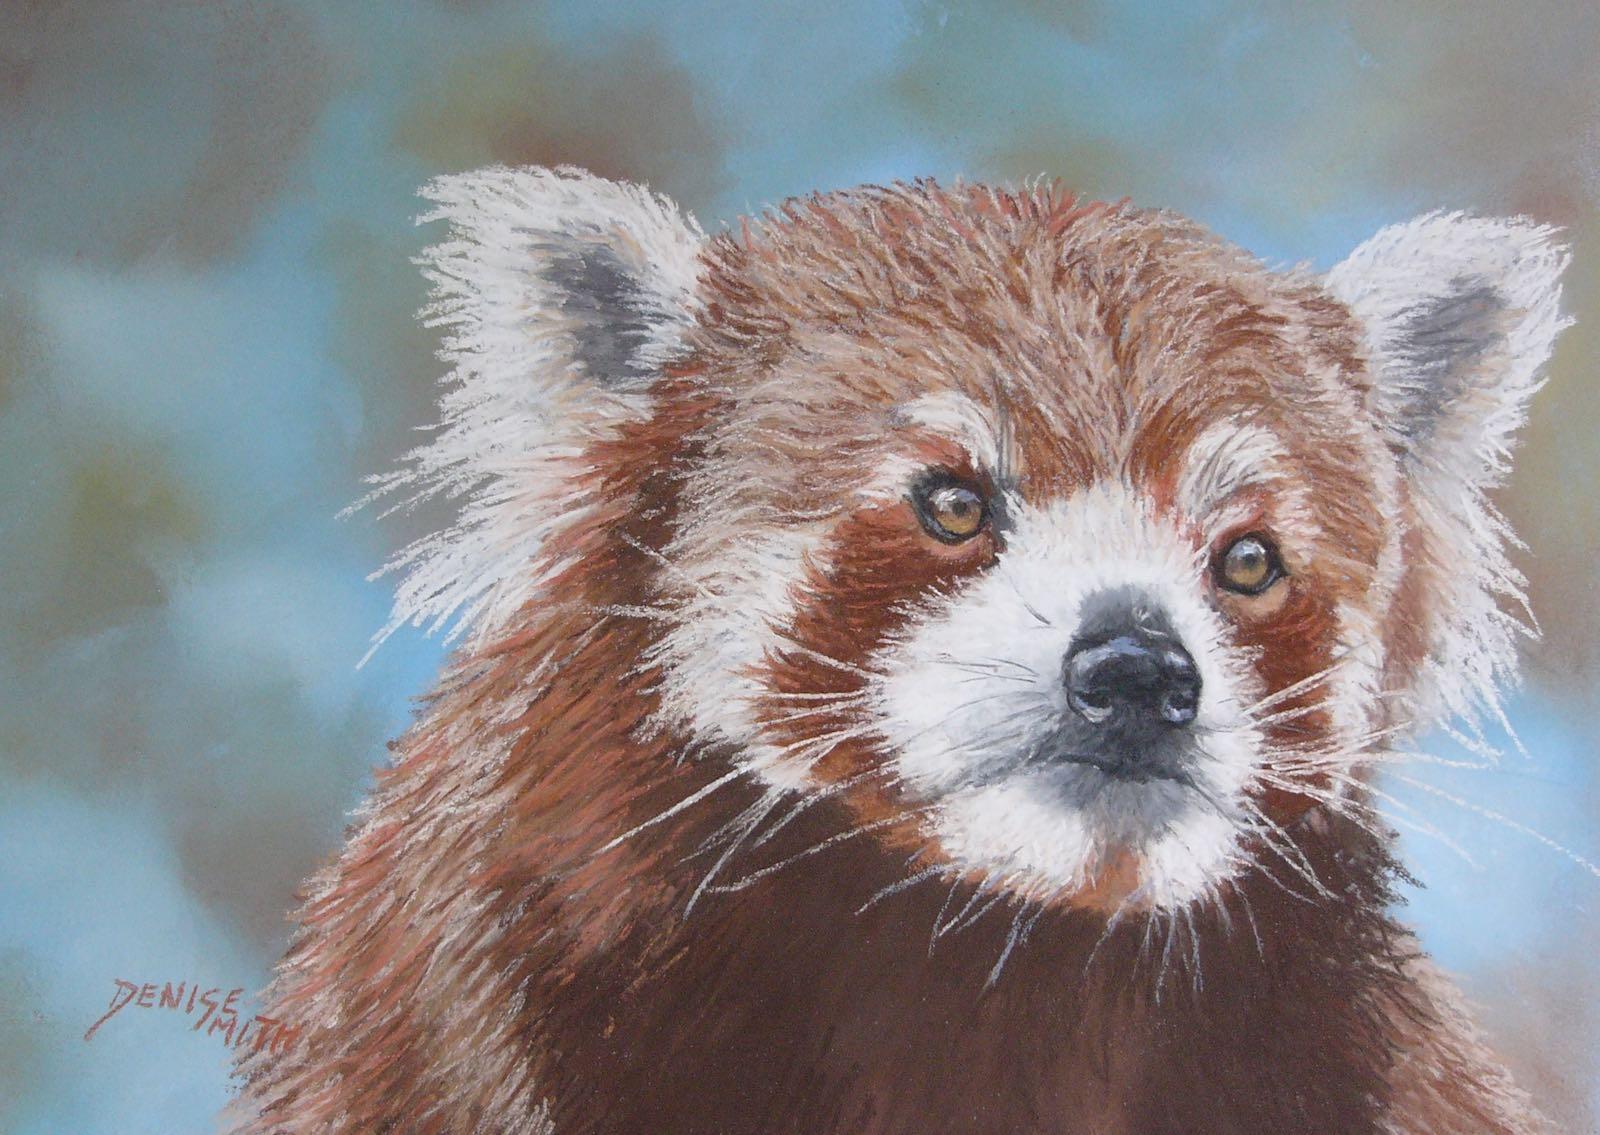 Denise Smith Artist